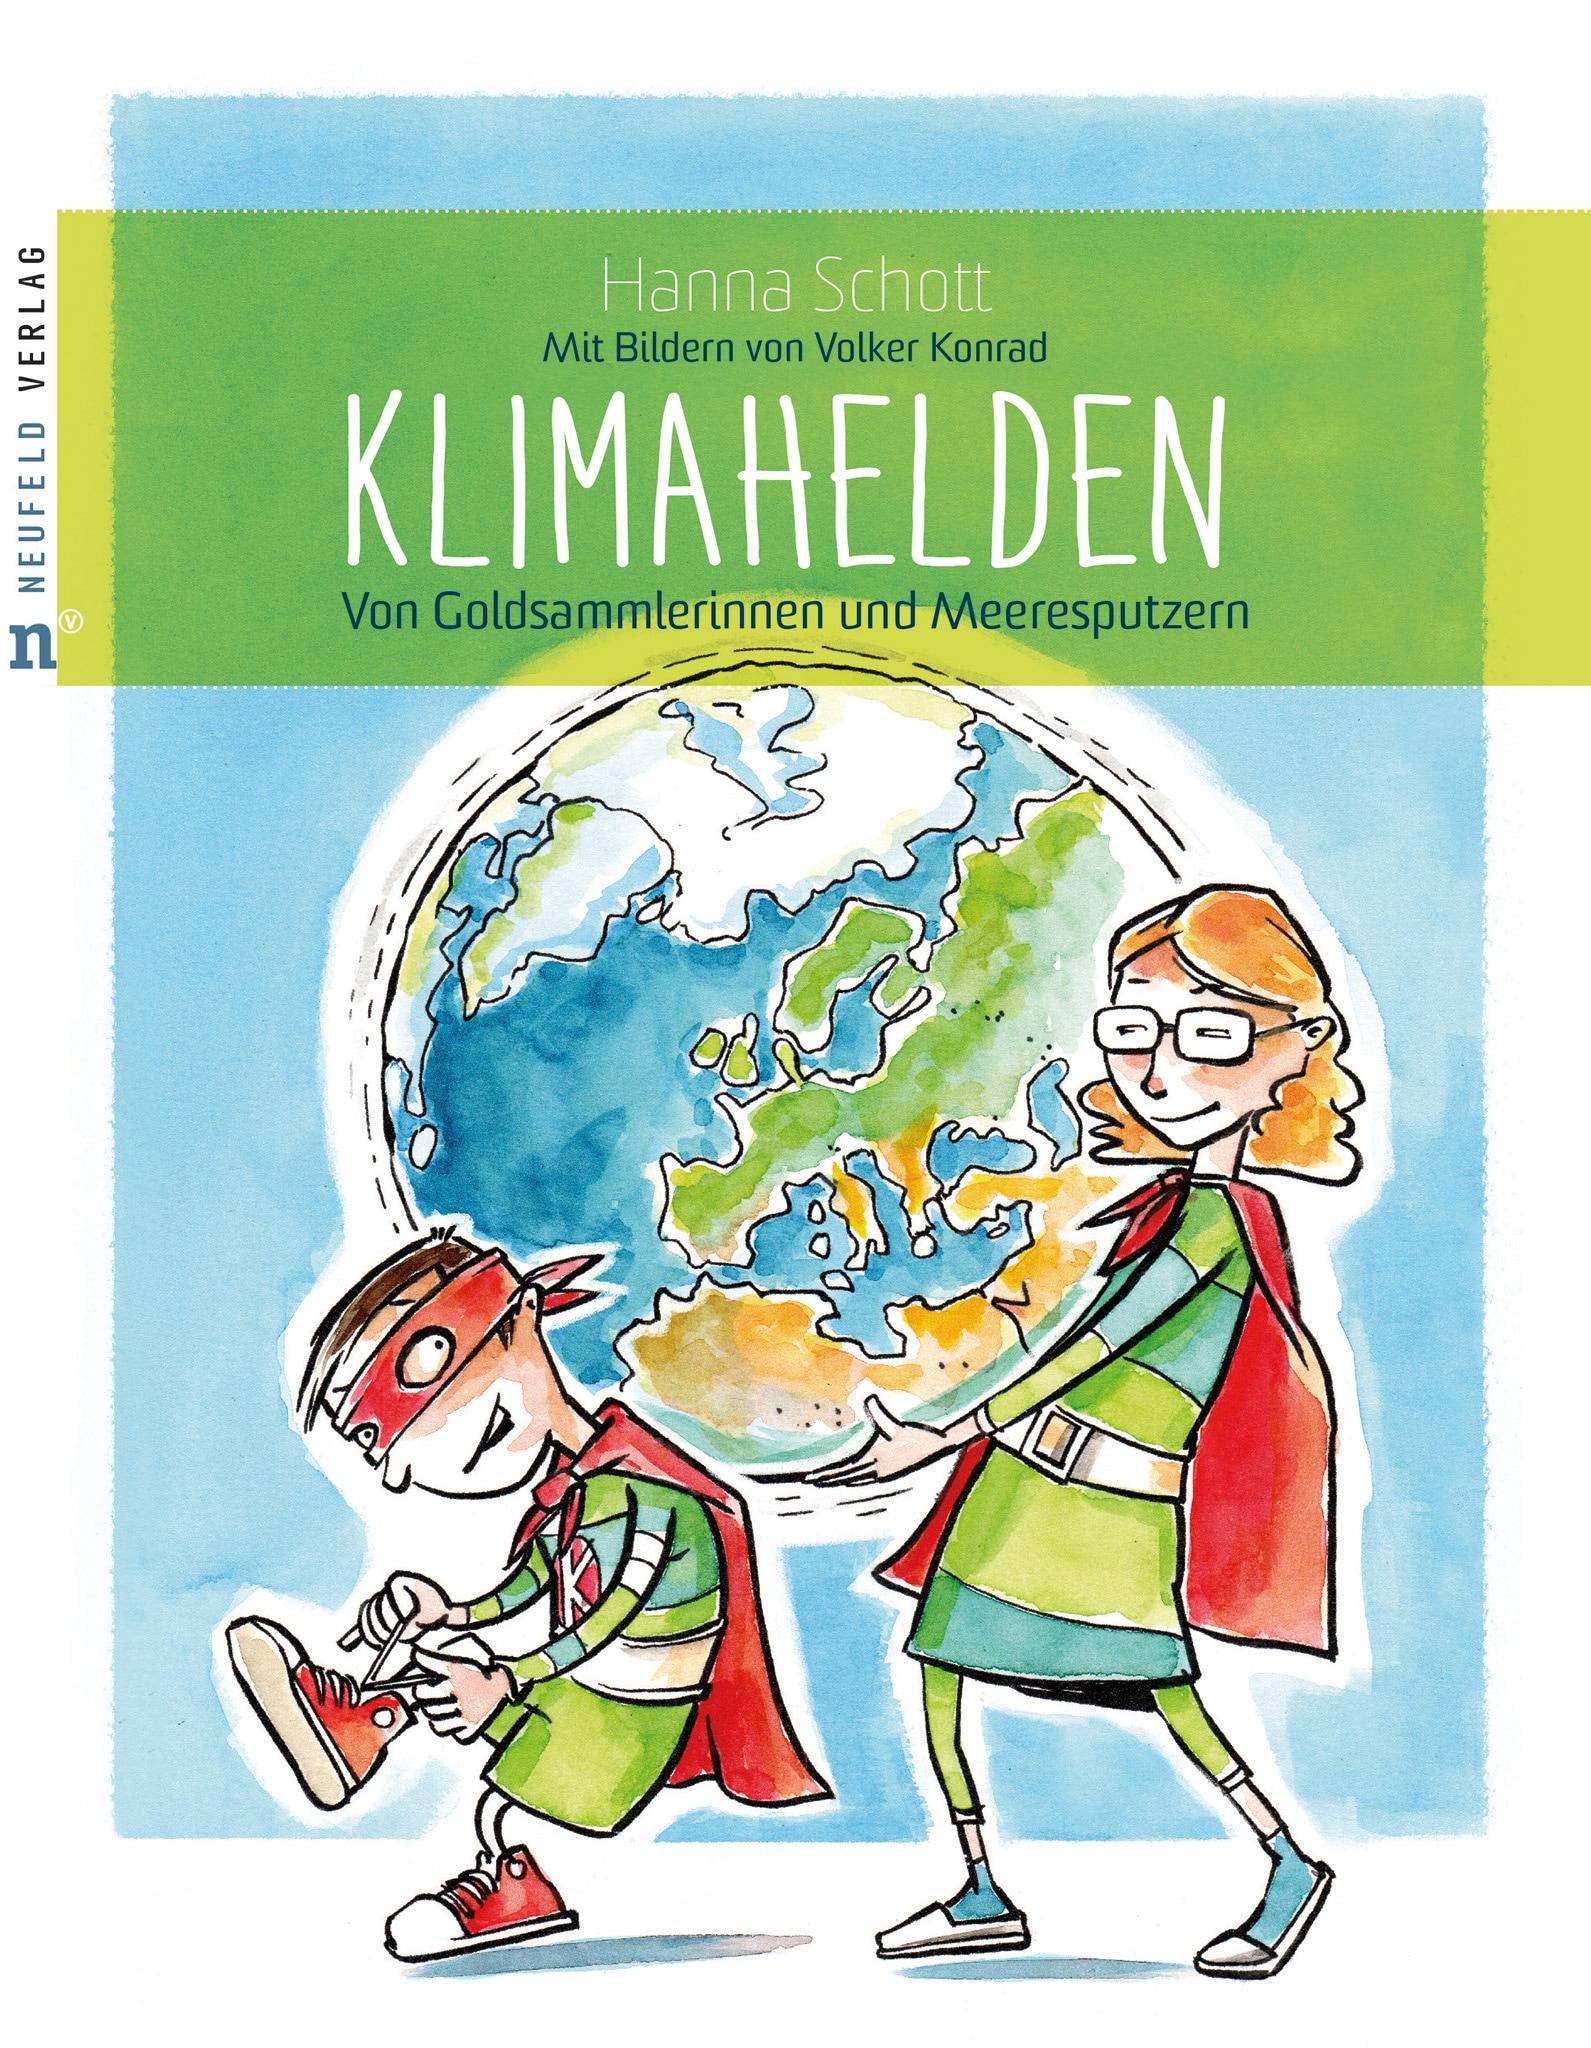 jugendkulturjahr-2020-ratingen-klimahelden-hanra-schott